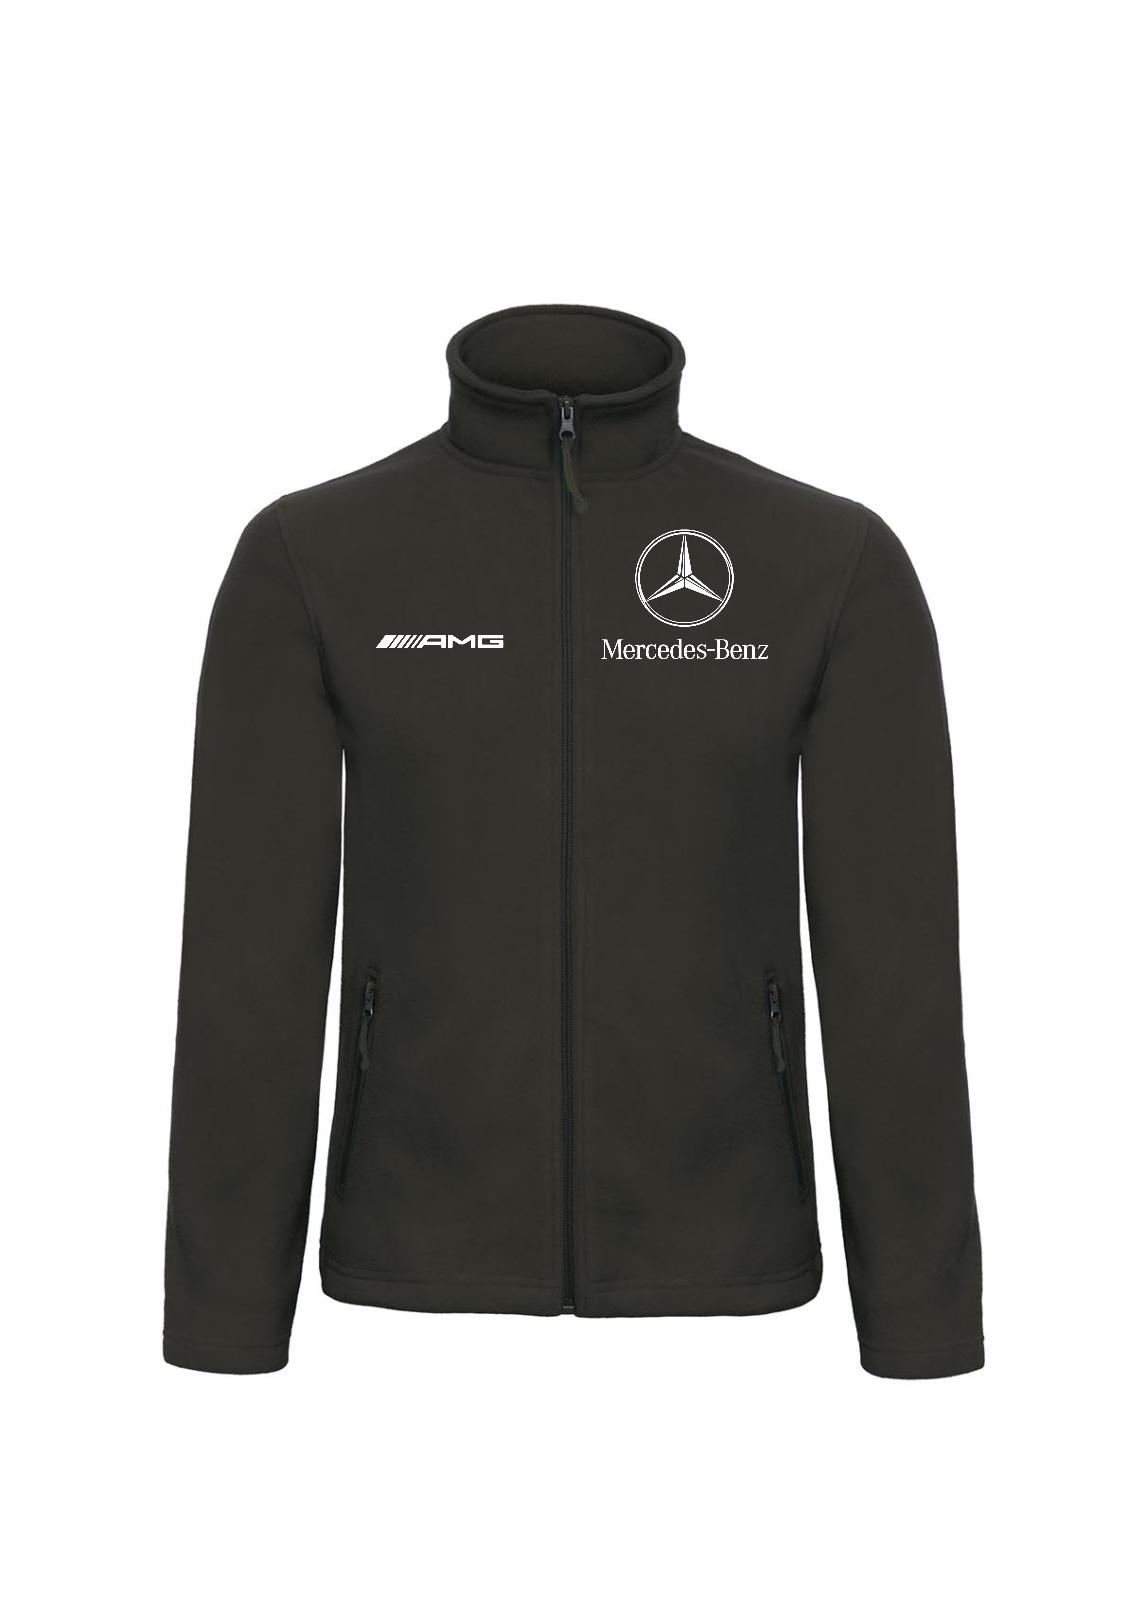 driver Formula 1 F1 MERCEDES BENZ racing AMG FLEECE jacket team car